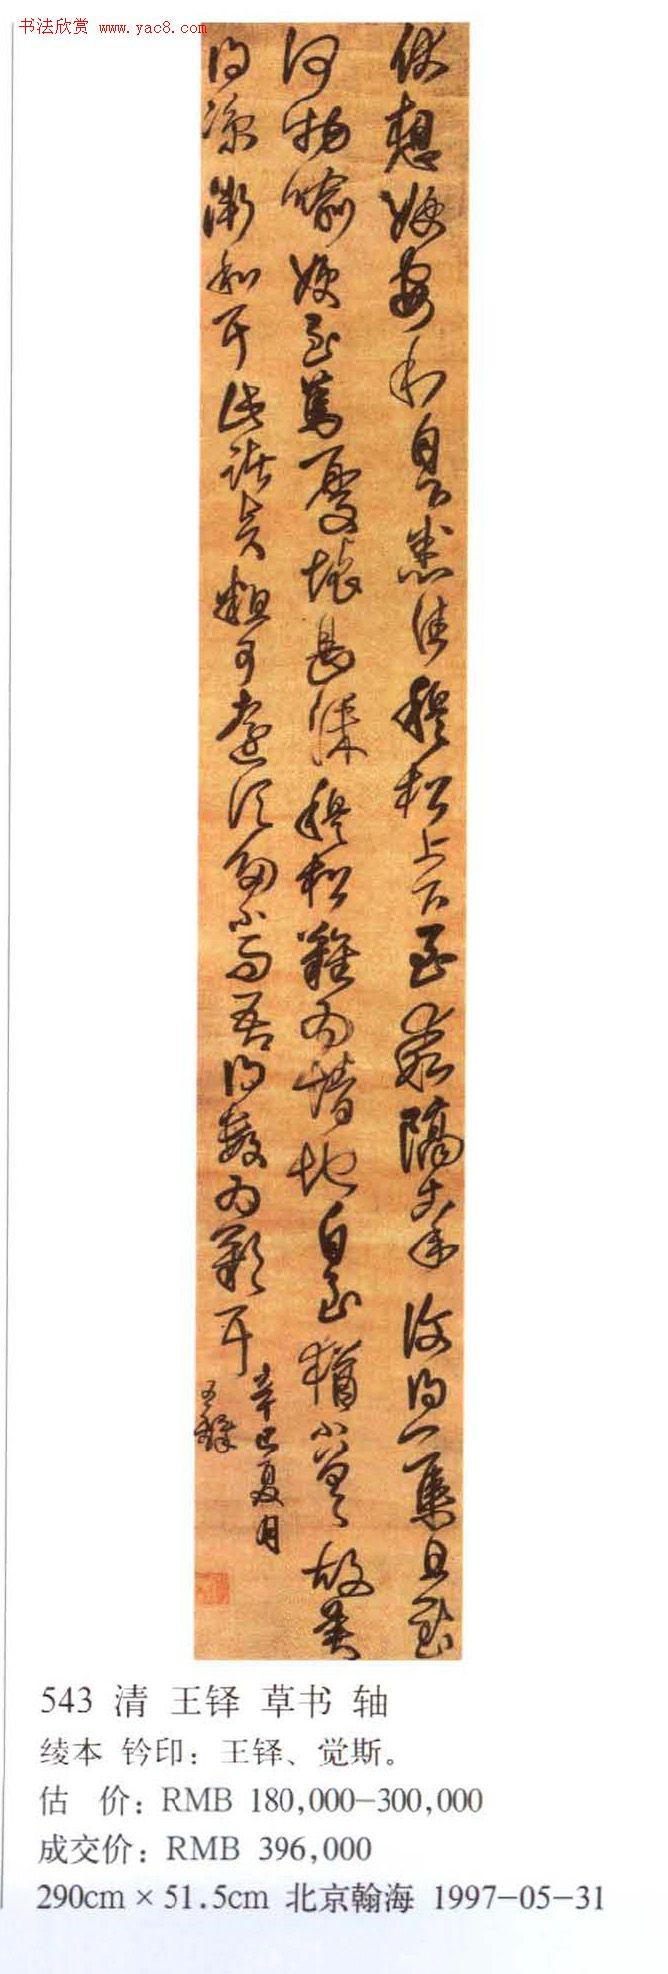 王铎书法拍卖作品选刊12幅